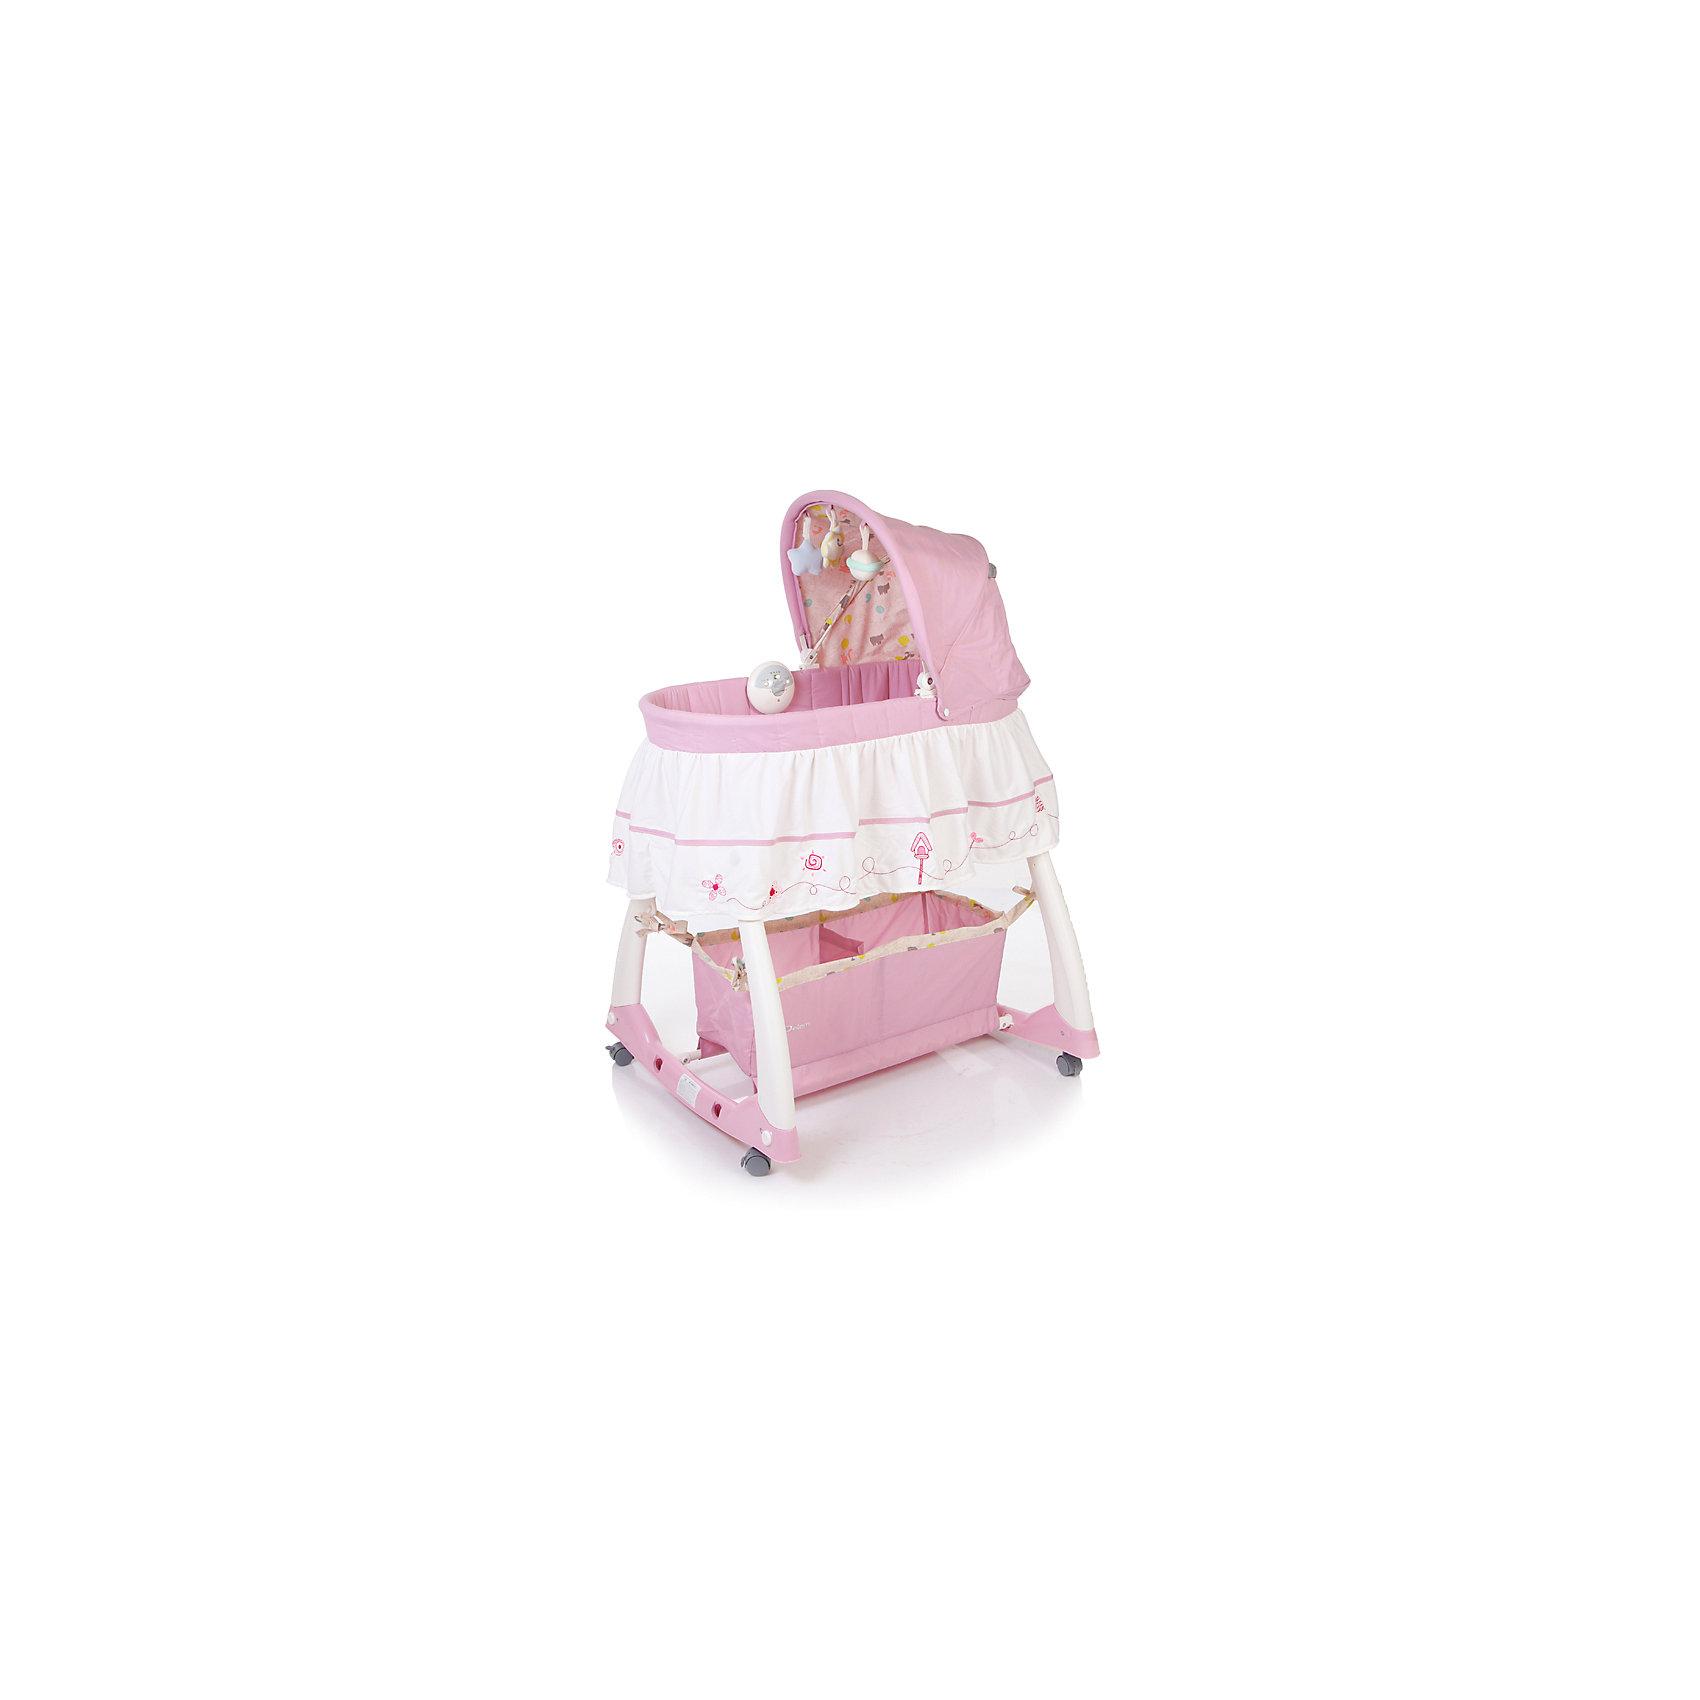 Кроватка-люлька Dream, Jetem, нежно-розовыйДетская кроватка-люлька Jetem Dream (Жетем Дрим) - удивительно красивая люлька, которая привнесет в Ваш дом атмосферу волшебства, гармонично впишется и украсит интерьер любой комнаты. Новорожденному малышу будет очень уютно в небольшом пространстве люльки. Капюшон закроет малыша от лампы или ночника, а дуга с игрушками поможет развлечь малыша и научить его концентрировать свое внимание на предметах. Колыбелька оснащена колесиками на которых удобно перемещать колыбель-люльку по детской комнате. Они легко убираются, и появляется возможность поперечного качания люльки с малышом. Колыбель-люлька Jetem Dream (Жетем Дрим) продумана и сконструирована для максимального комфорта малыша и молодой мамочки. Для этого люлька для новорожденного оснащена электронным блоком с системой вибрации и нежными колыбельными мелодиями, съемной дугой для укачивания. Все тканевые части снимаются для стирки. Под дном колыбельки расположена удобная корзина для детских принадлежностей.<br><br>Дополнительная информация:<br><br>- В комплекте: люлька, электронный блок, дуга с игрушками, корзина для подгузников, матрасик, комплект белья (полог + наматрасник), подробная инструкция по сборке;<br>- Безопасные высокие (21 см) бортики; <br>- Колесики, оснащенные стояночным тормозом, снимаются, можно укачивать малыша на дугах-качалках;<br>- Электронный блок с вибрацией и нежными, приятными новорожденному мелодиями, возможностью регулировать интенсивность вибрации; <br>- Вместительная сетчатая корзина для памперсов;<br>- Тканевые части можно снять и постирать; <br>- Съемный капюшон с регулируемым углом наклона;<br>- На капюшоне подвешены три игрушки, которые будут занимать ребенка во время его бодрствования;<br>- Для детей весом до 11 кг;<br>- Особенности музыкальной шкатулки: 3 мелодии, звуки живой природы и натуральные. Батарейки: 3хАА (в комплект не входят);<br>- Материал: пластик, металл;<br>- Размеры колыбели: (ВхДхШ) - 120 х 80 х 70 см;<br>- Размеры спальног